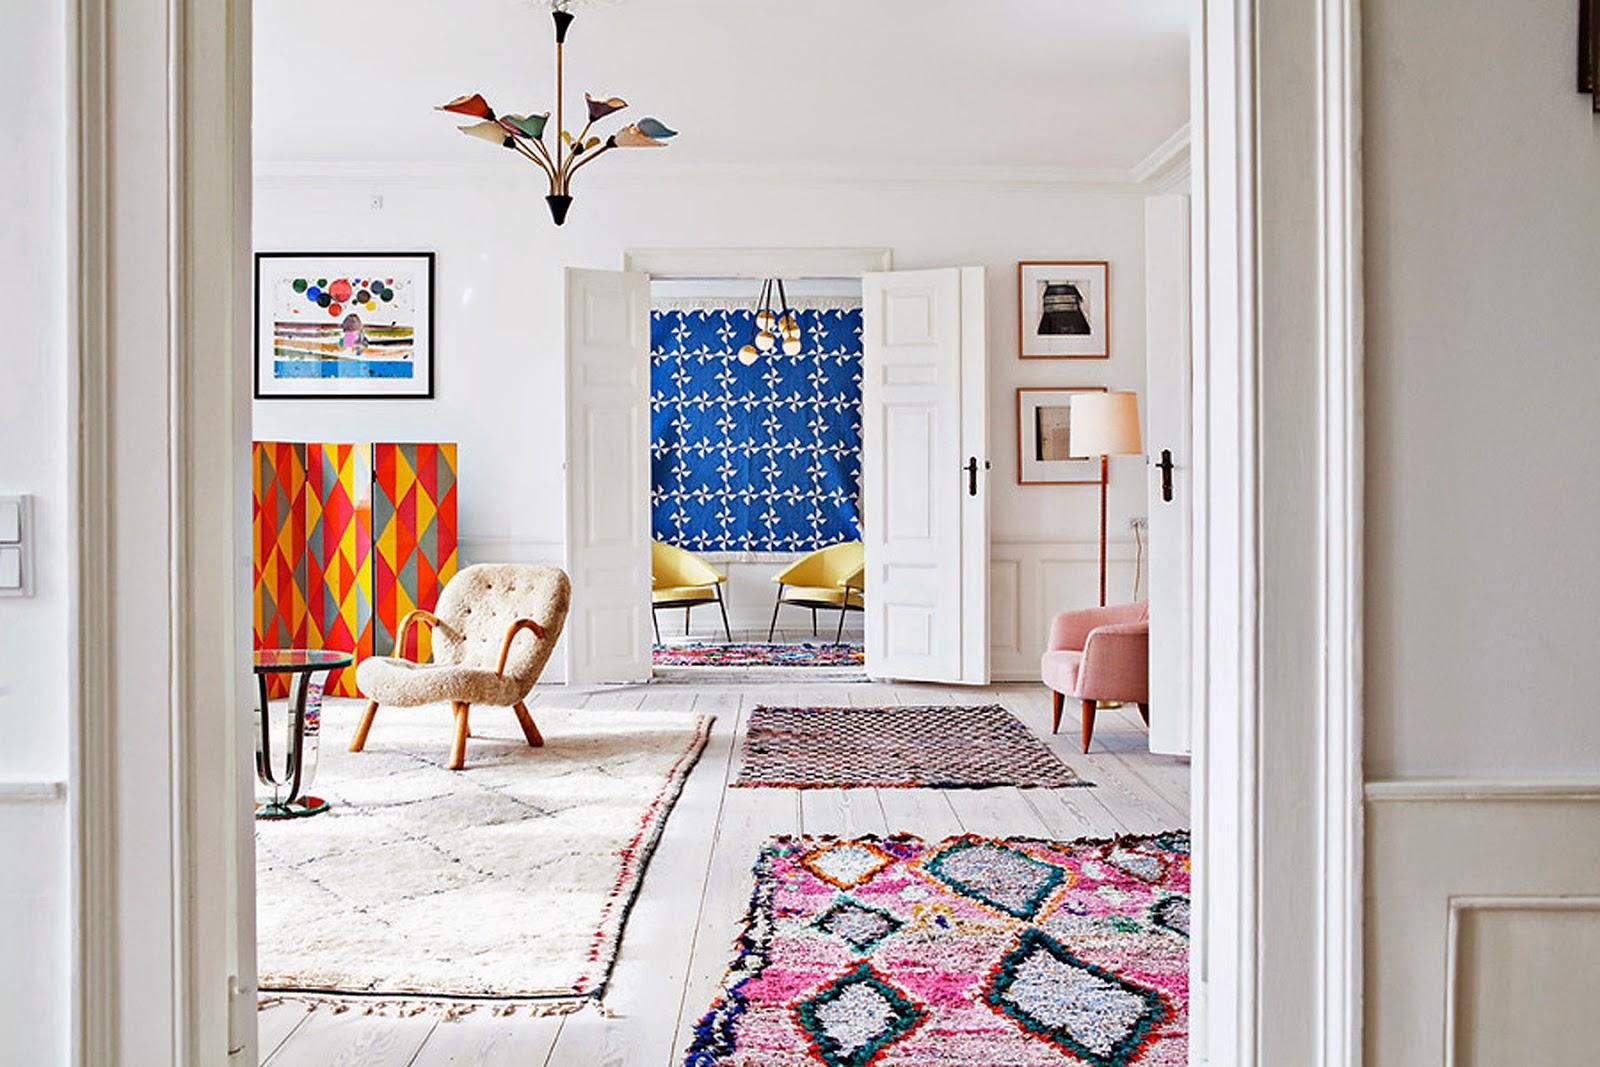 Home Staging oder Kauf fertiger Einrichtungsideen zum einfachen, aber teurern Wohnen und Leben